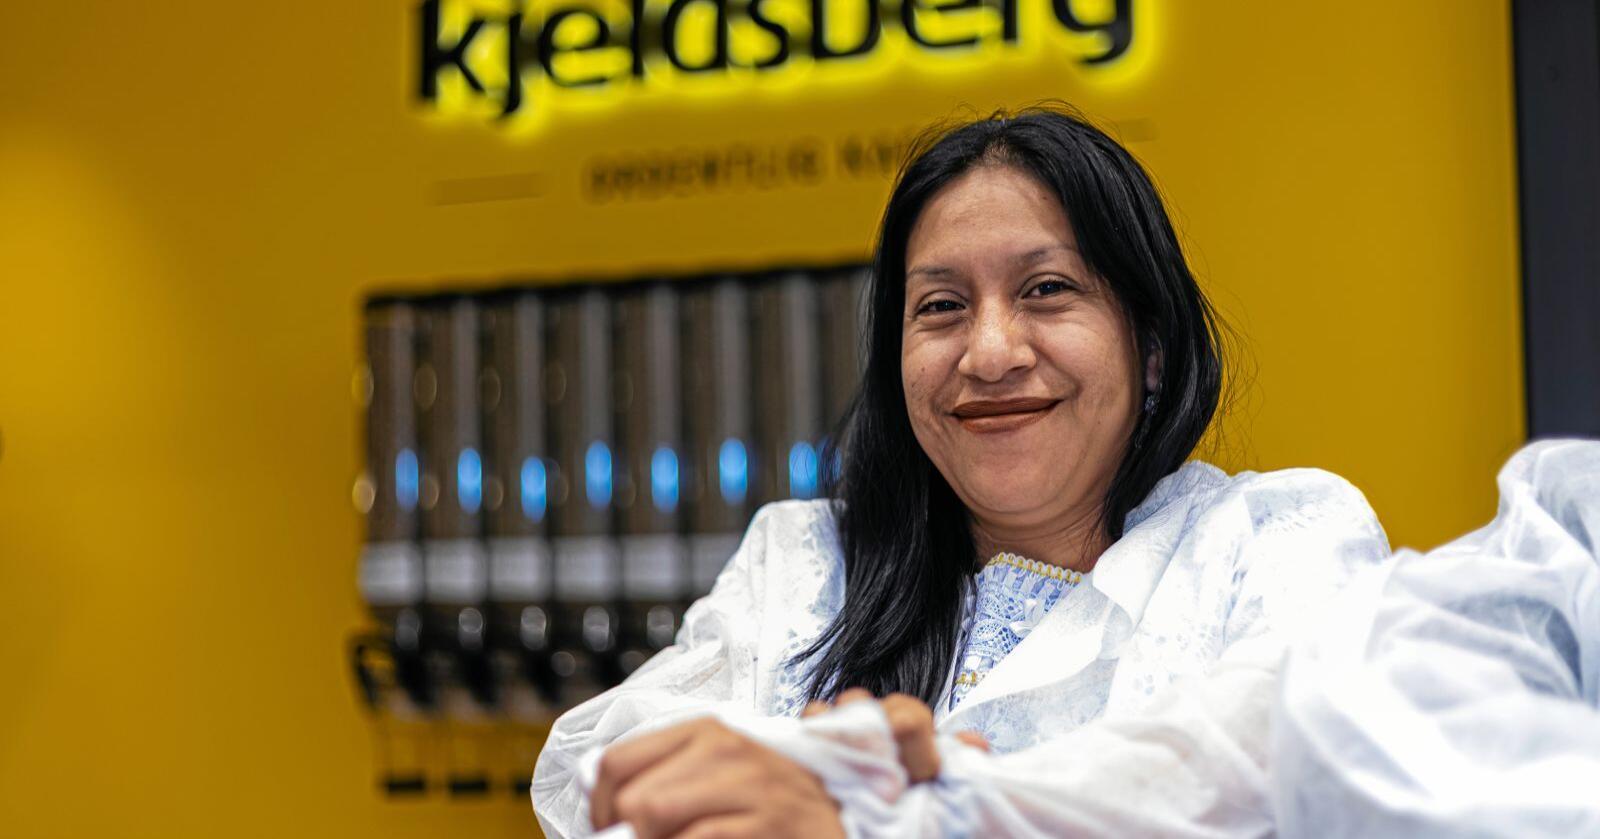 Josefa Hernández, er kaffeprodusent fra Guatemala. Foto: Even Langmo / Kjeldsberg